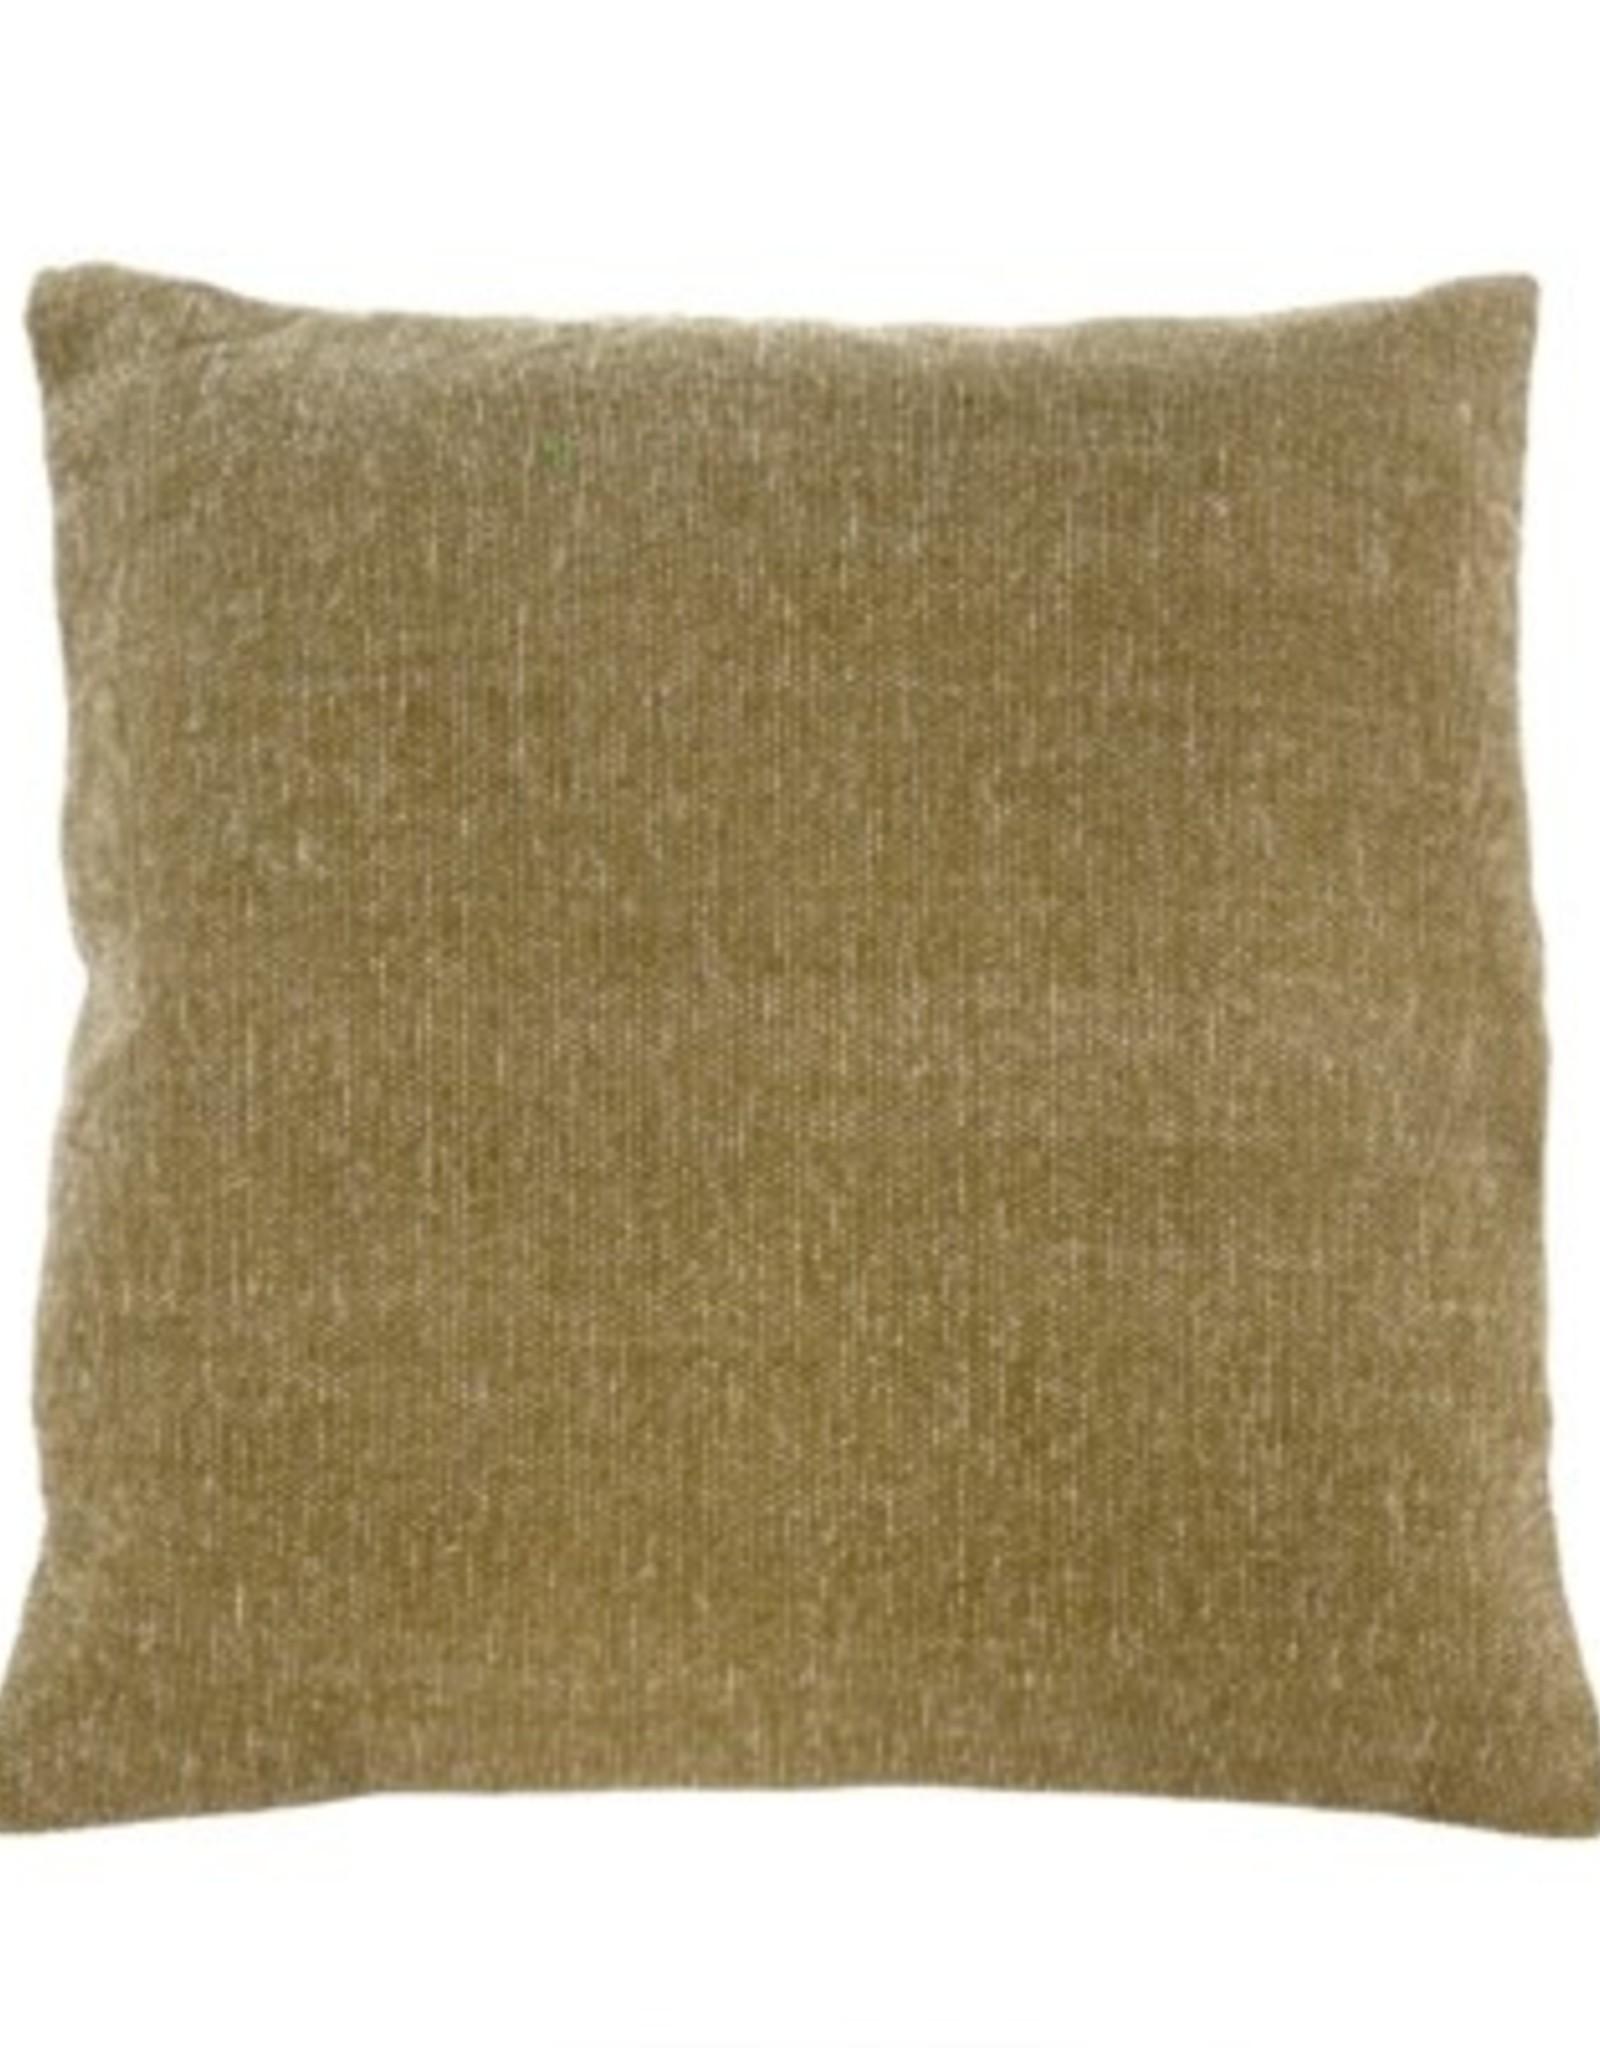 Indaba Cushions Indaba Isla Olive 24 x 24